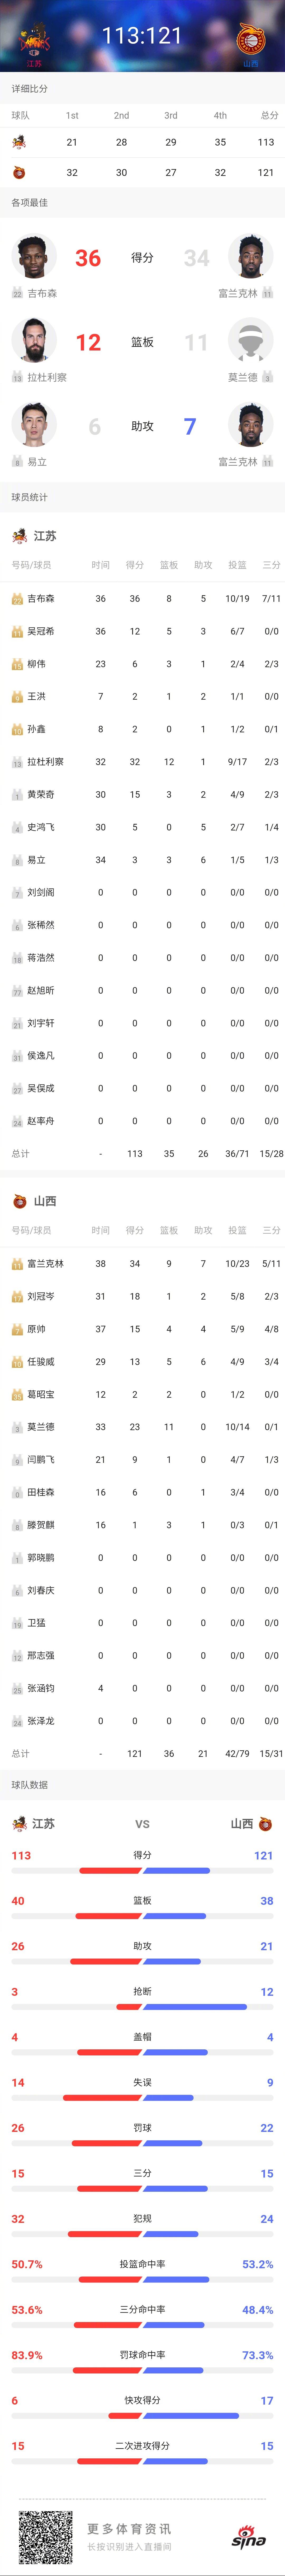 客场121-113战胜@江苏肯帝亚篮球俱乐部